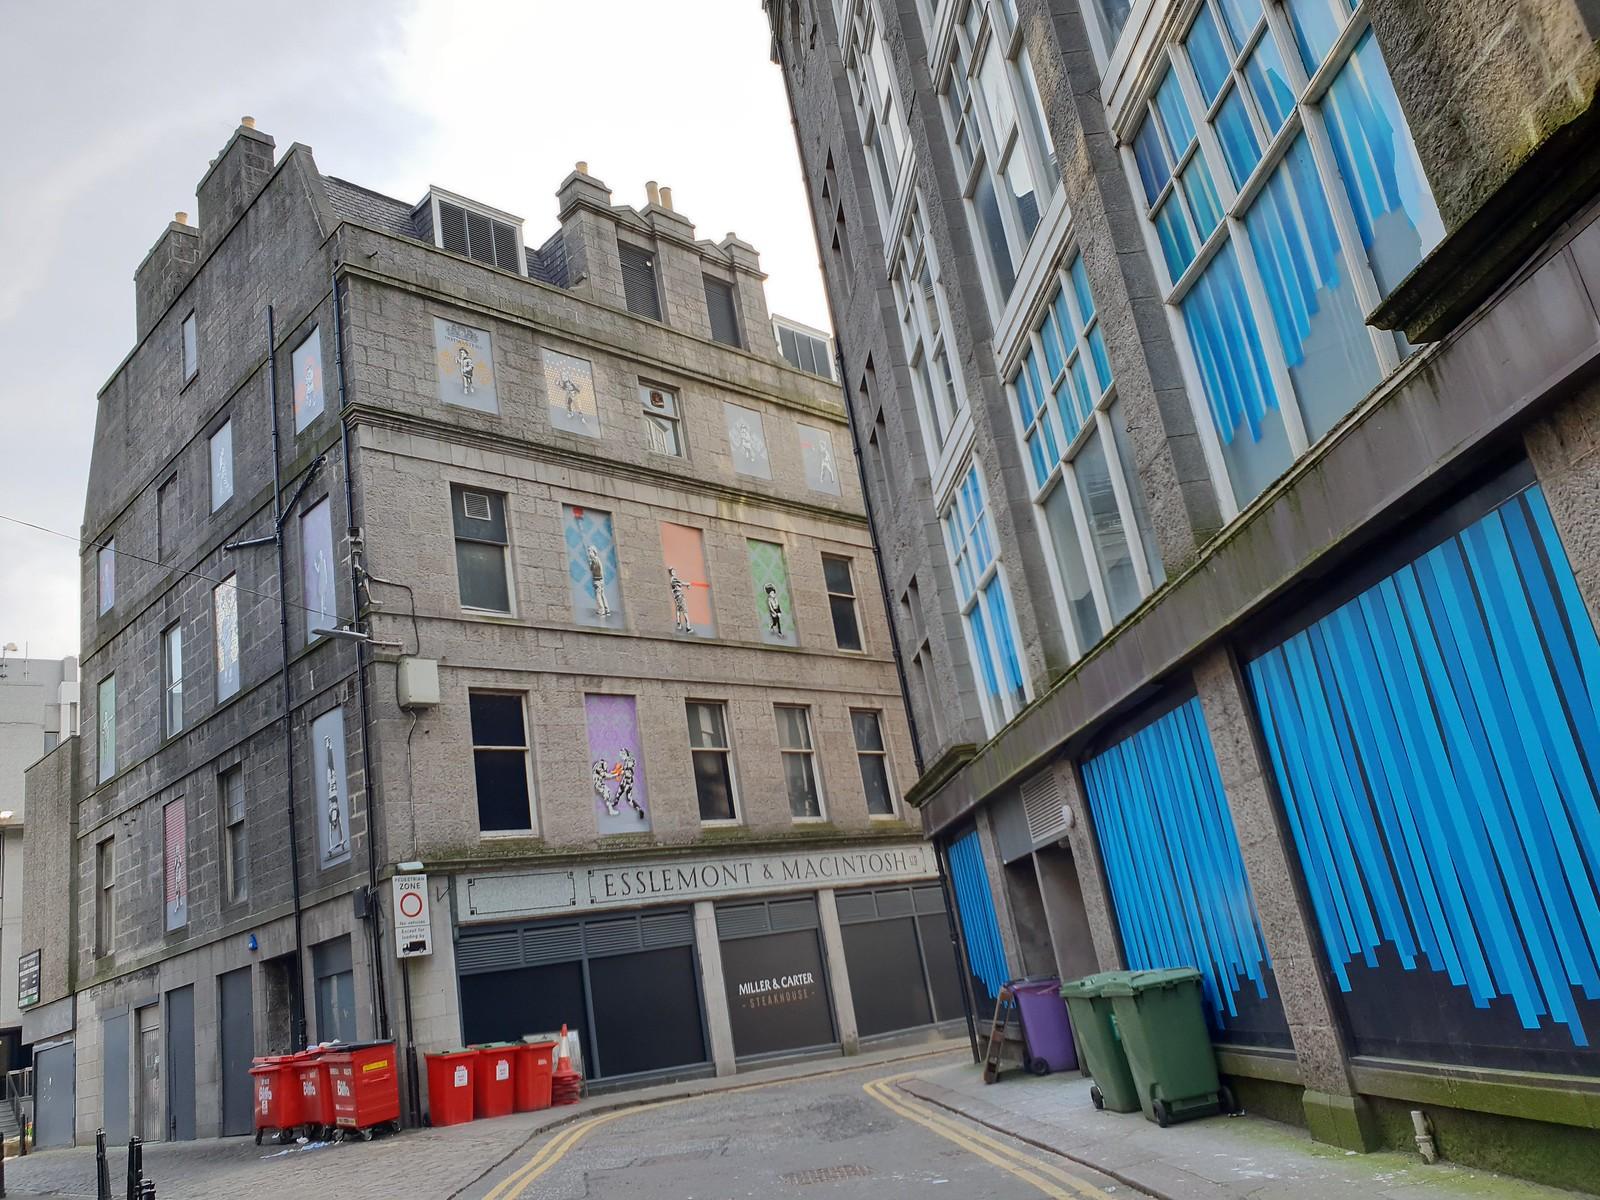 Nuart Aberdeen 2019